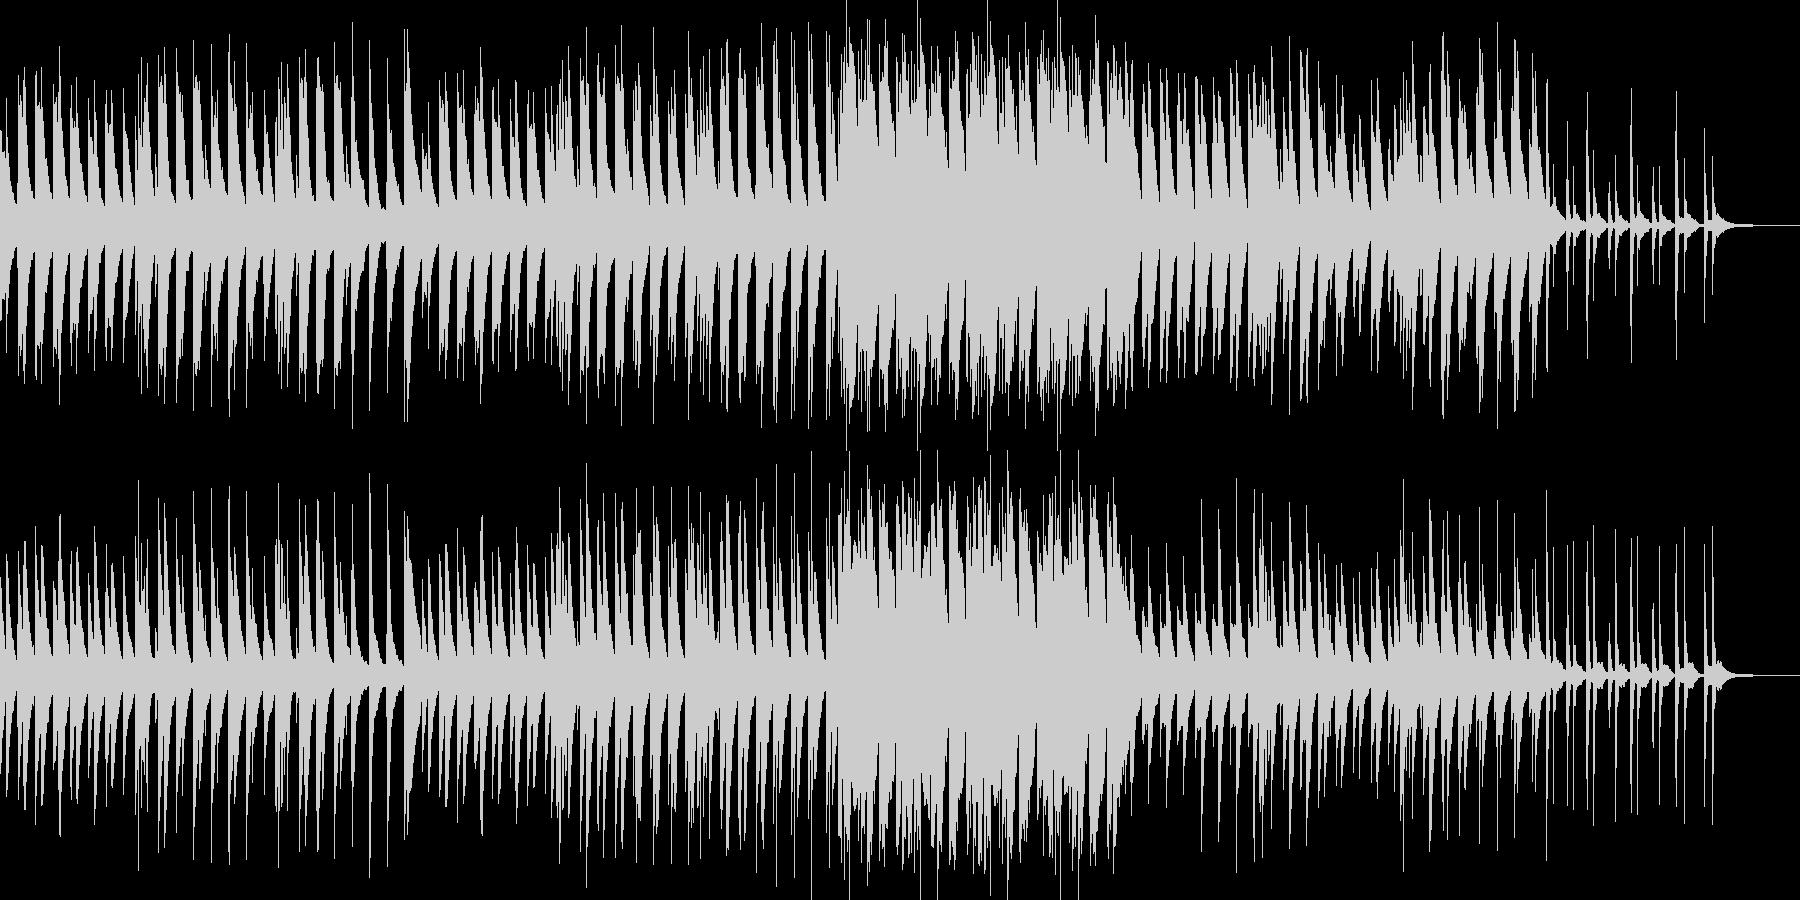 ピアノソロの怪しげな三拍子のワルツ曲の未再生の波形